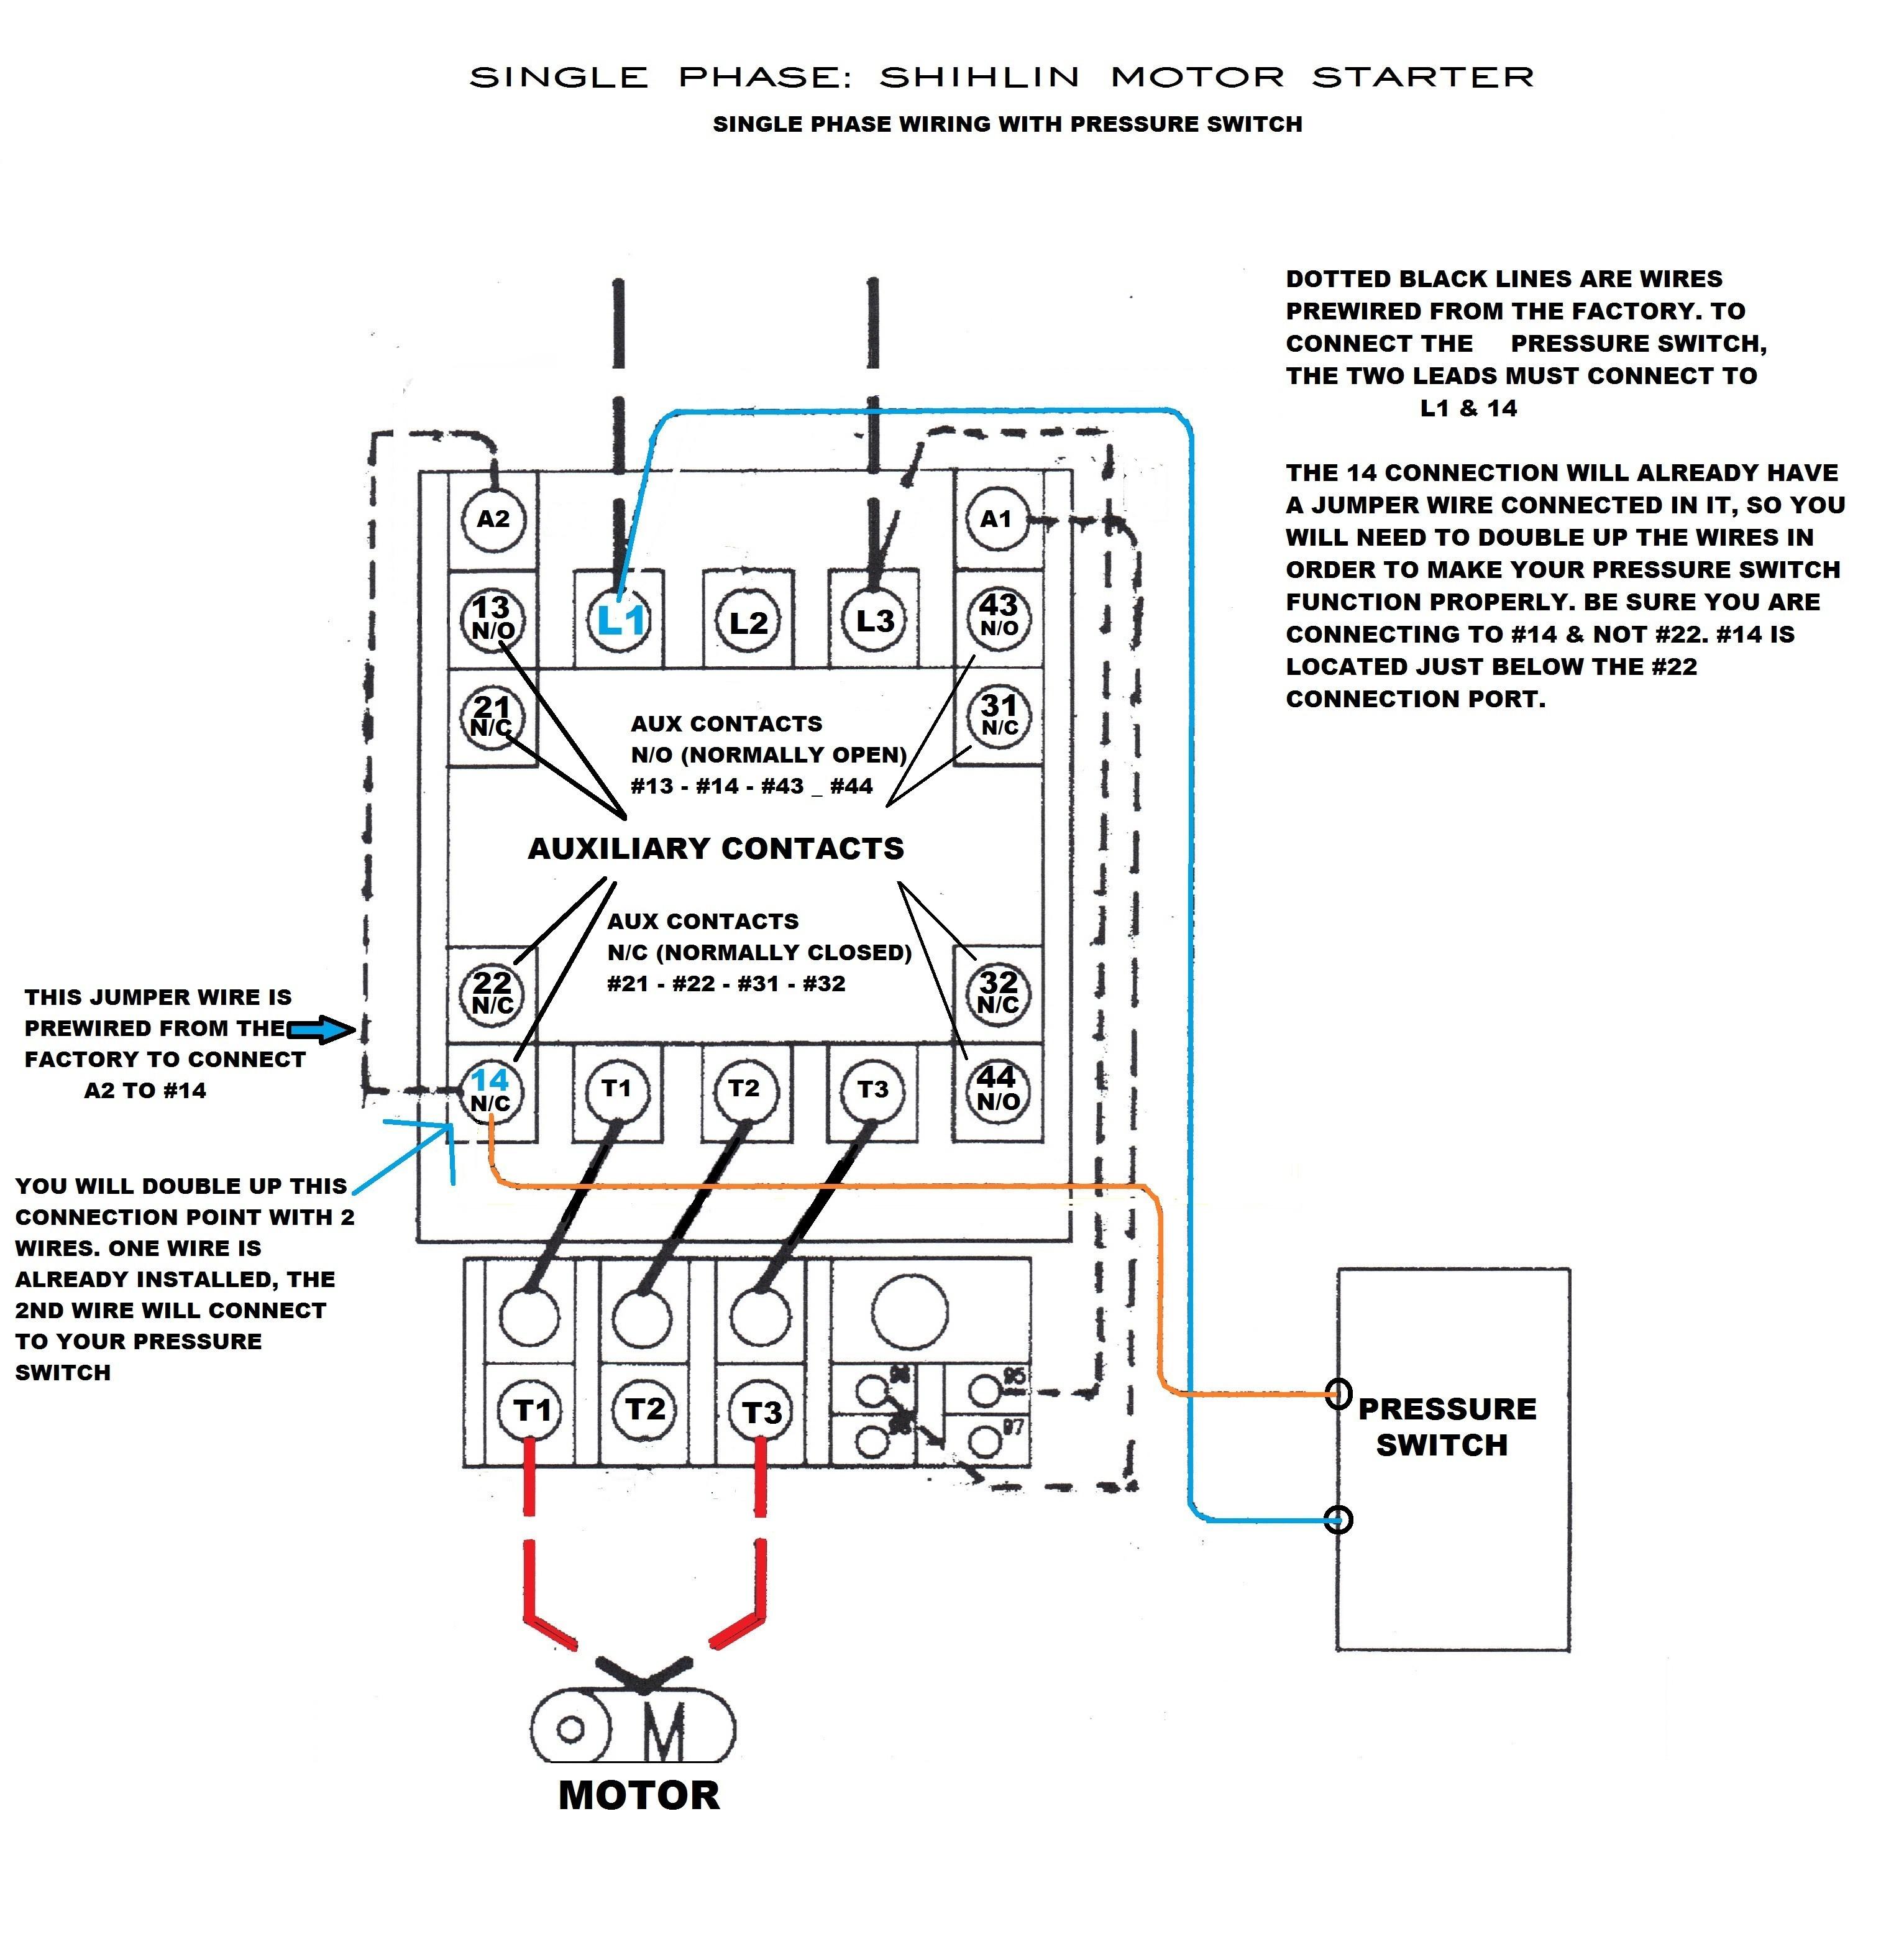 wiring diagram for motor starter yk 7502  rtd phase motor wiring diagrams moreover siemens wiring  rtd phase motor wiring diagrams